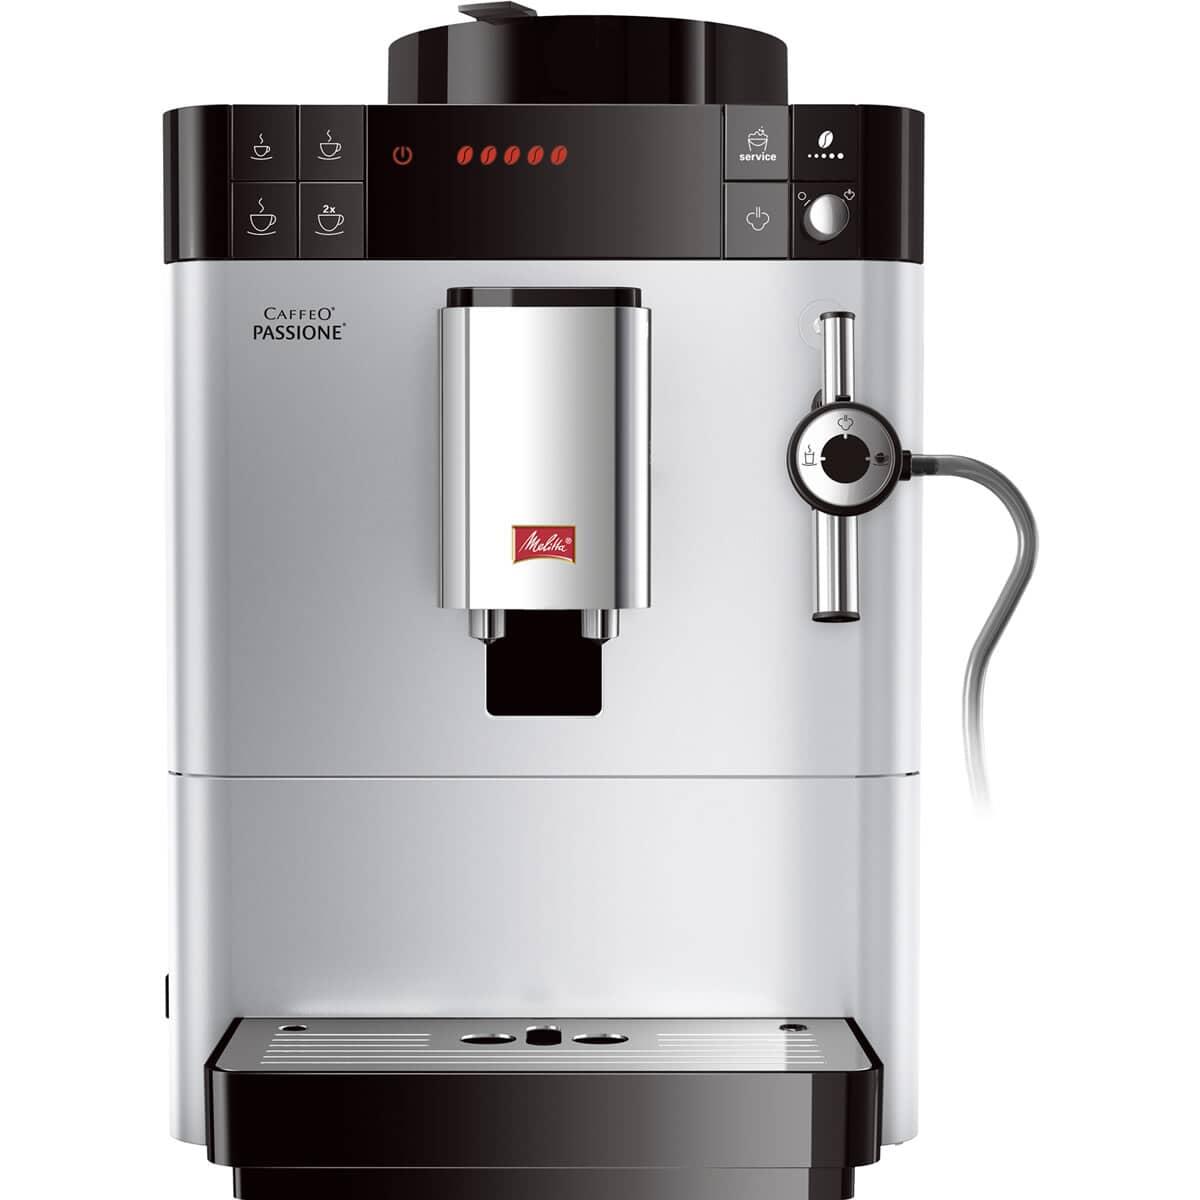 Melitta Caffeo Passione Silver Bean To Cup Coffee Machine F530 101